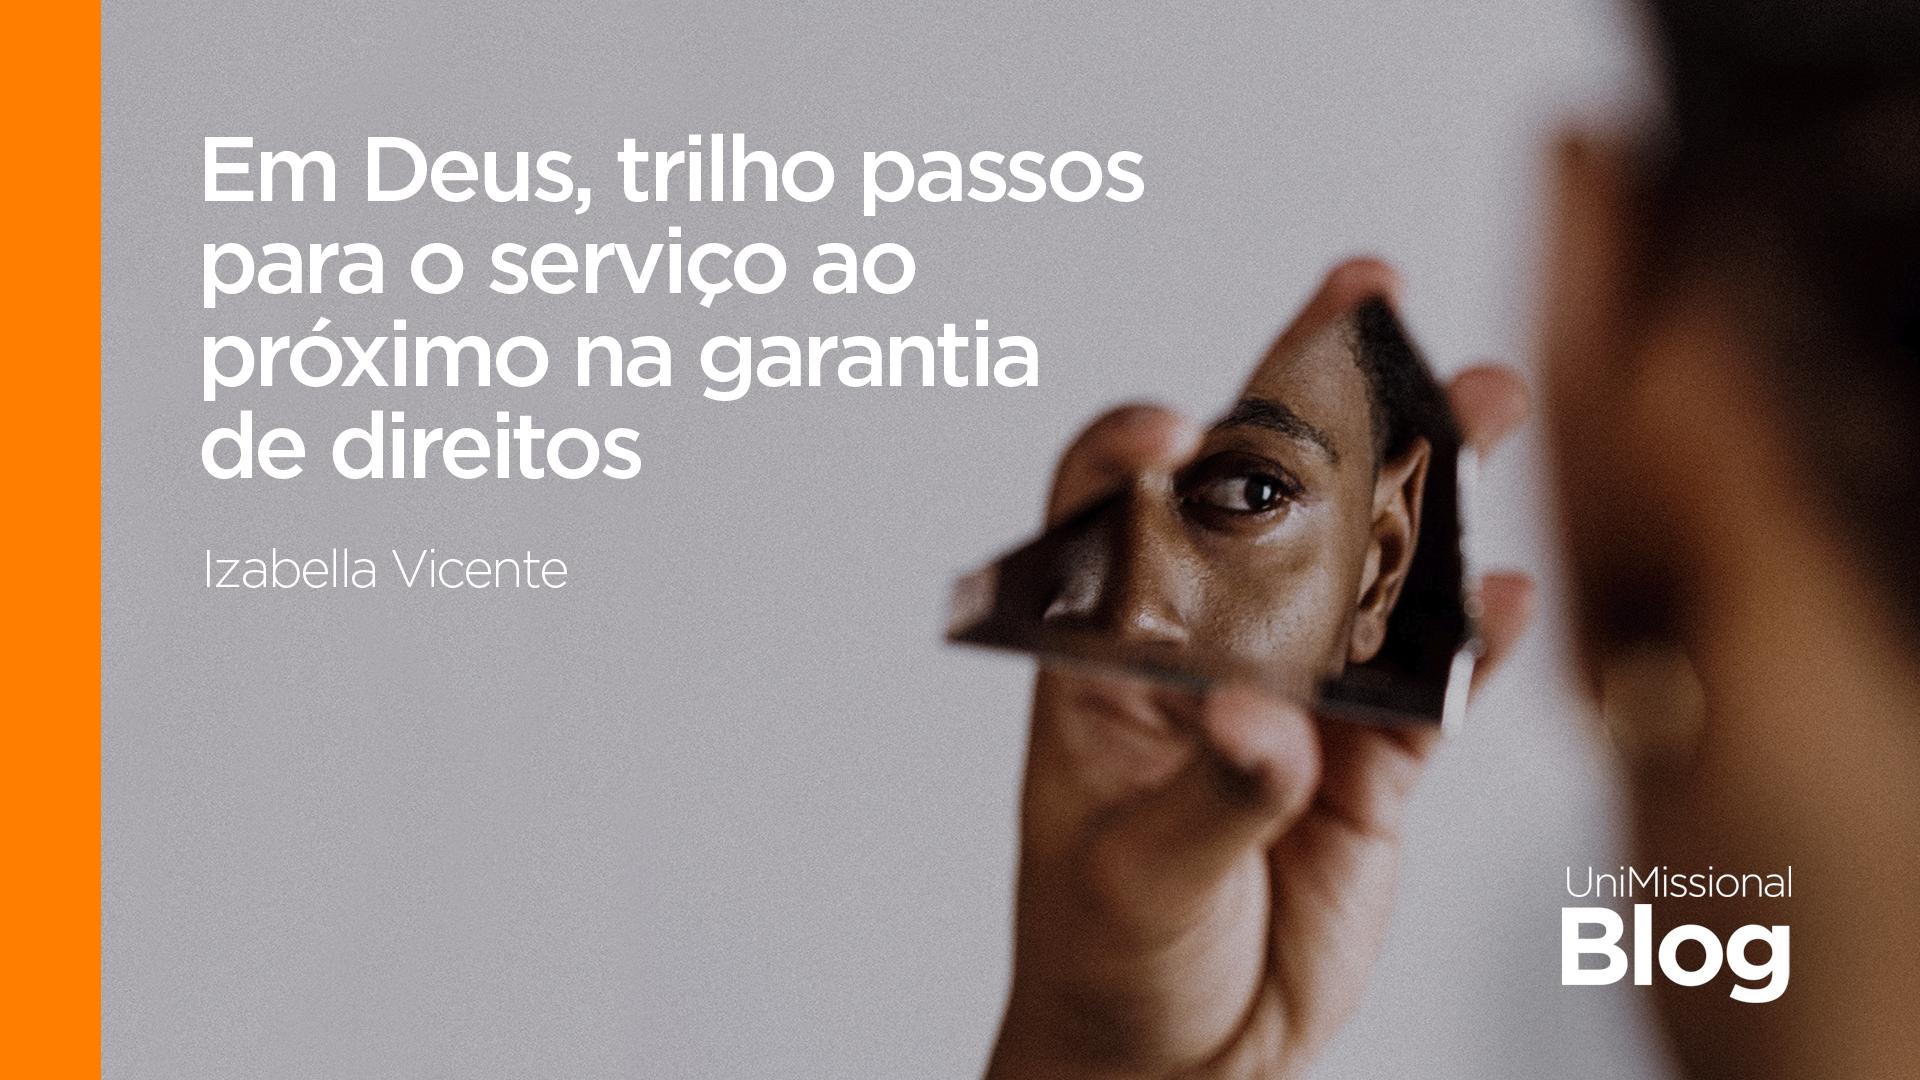 Em Deus trilho passos para o serviço ao próximo na garantia de direitos